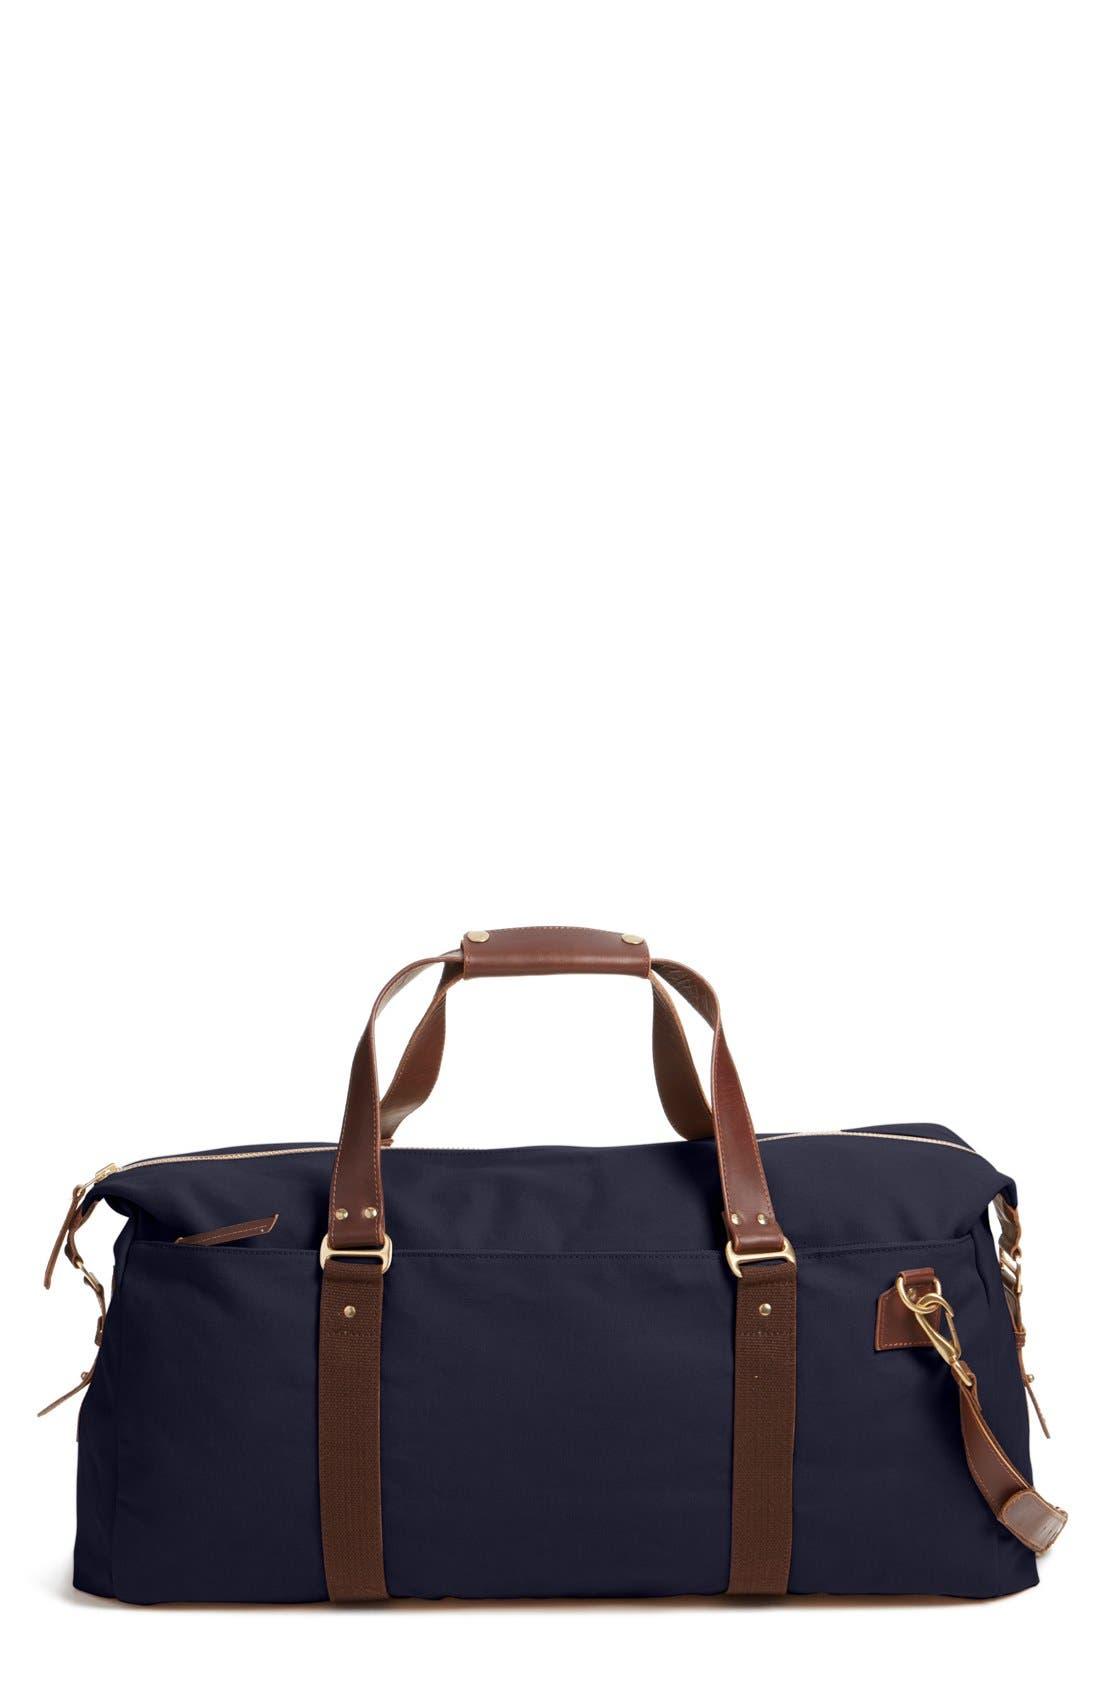 United By Blue 'Mt. Drew' Duffel Bag